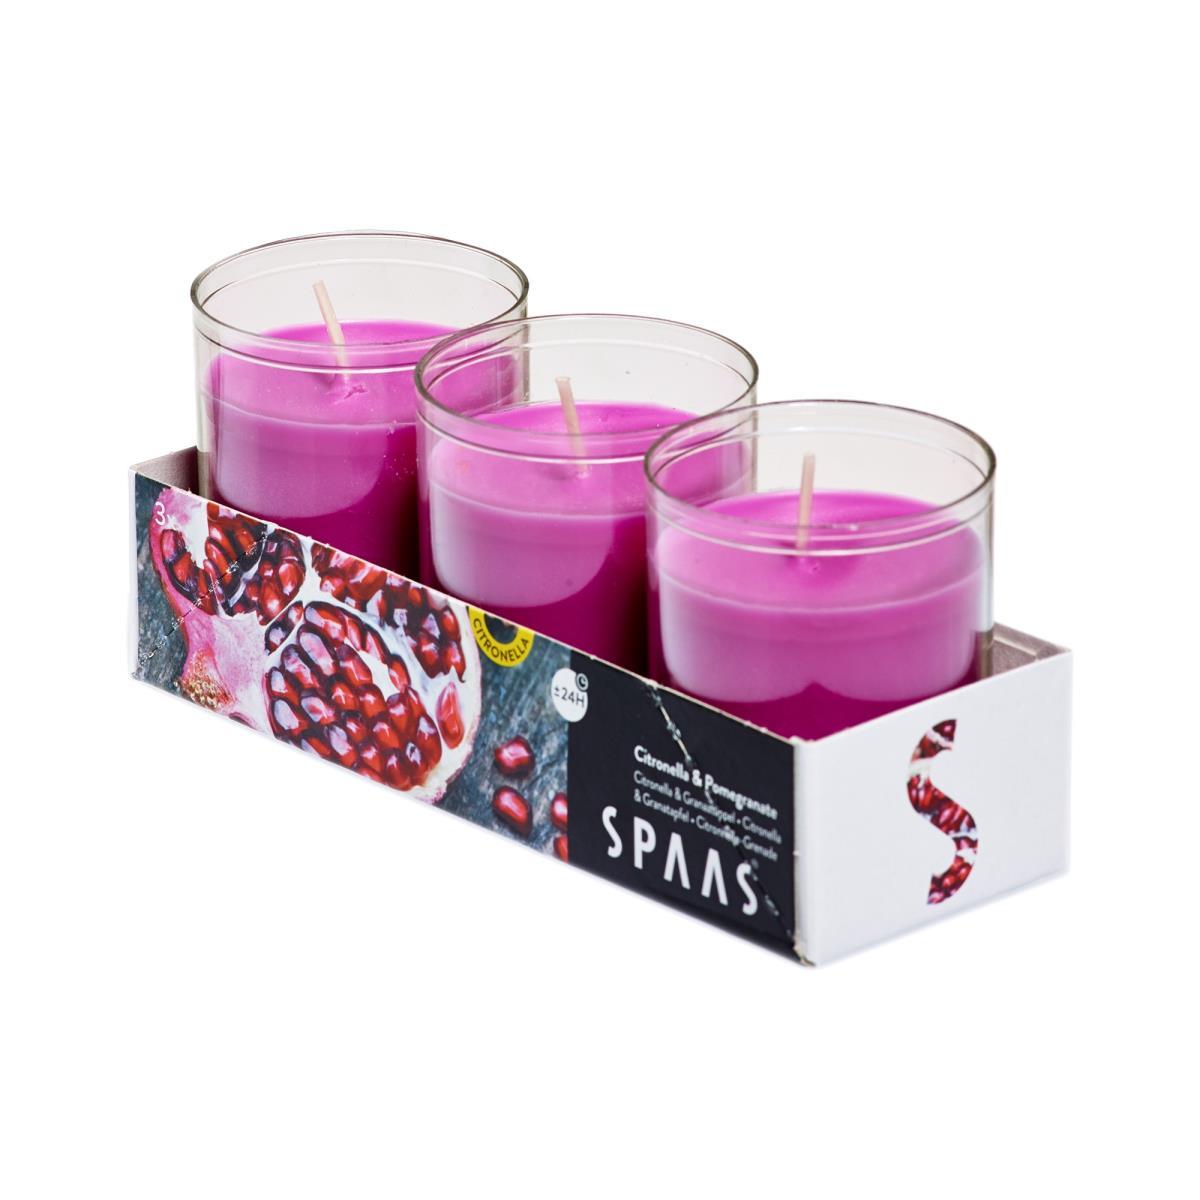 4 x Citronella Granatapfel Duftlichter Mücken Kerzen Teelichter Mückenabwehr ,Spaas,000051332861, 0676424769009